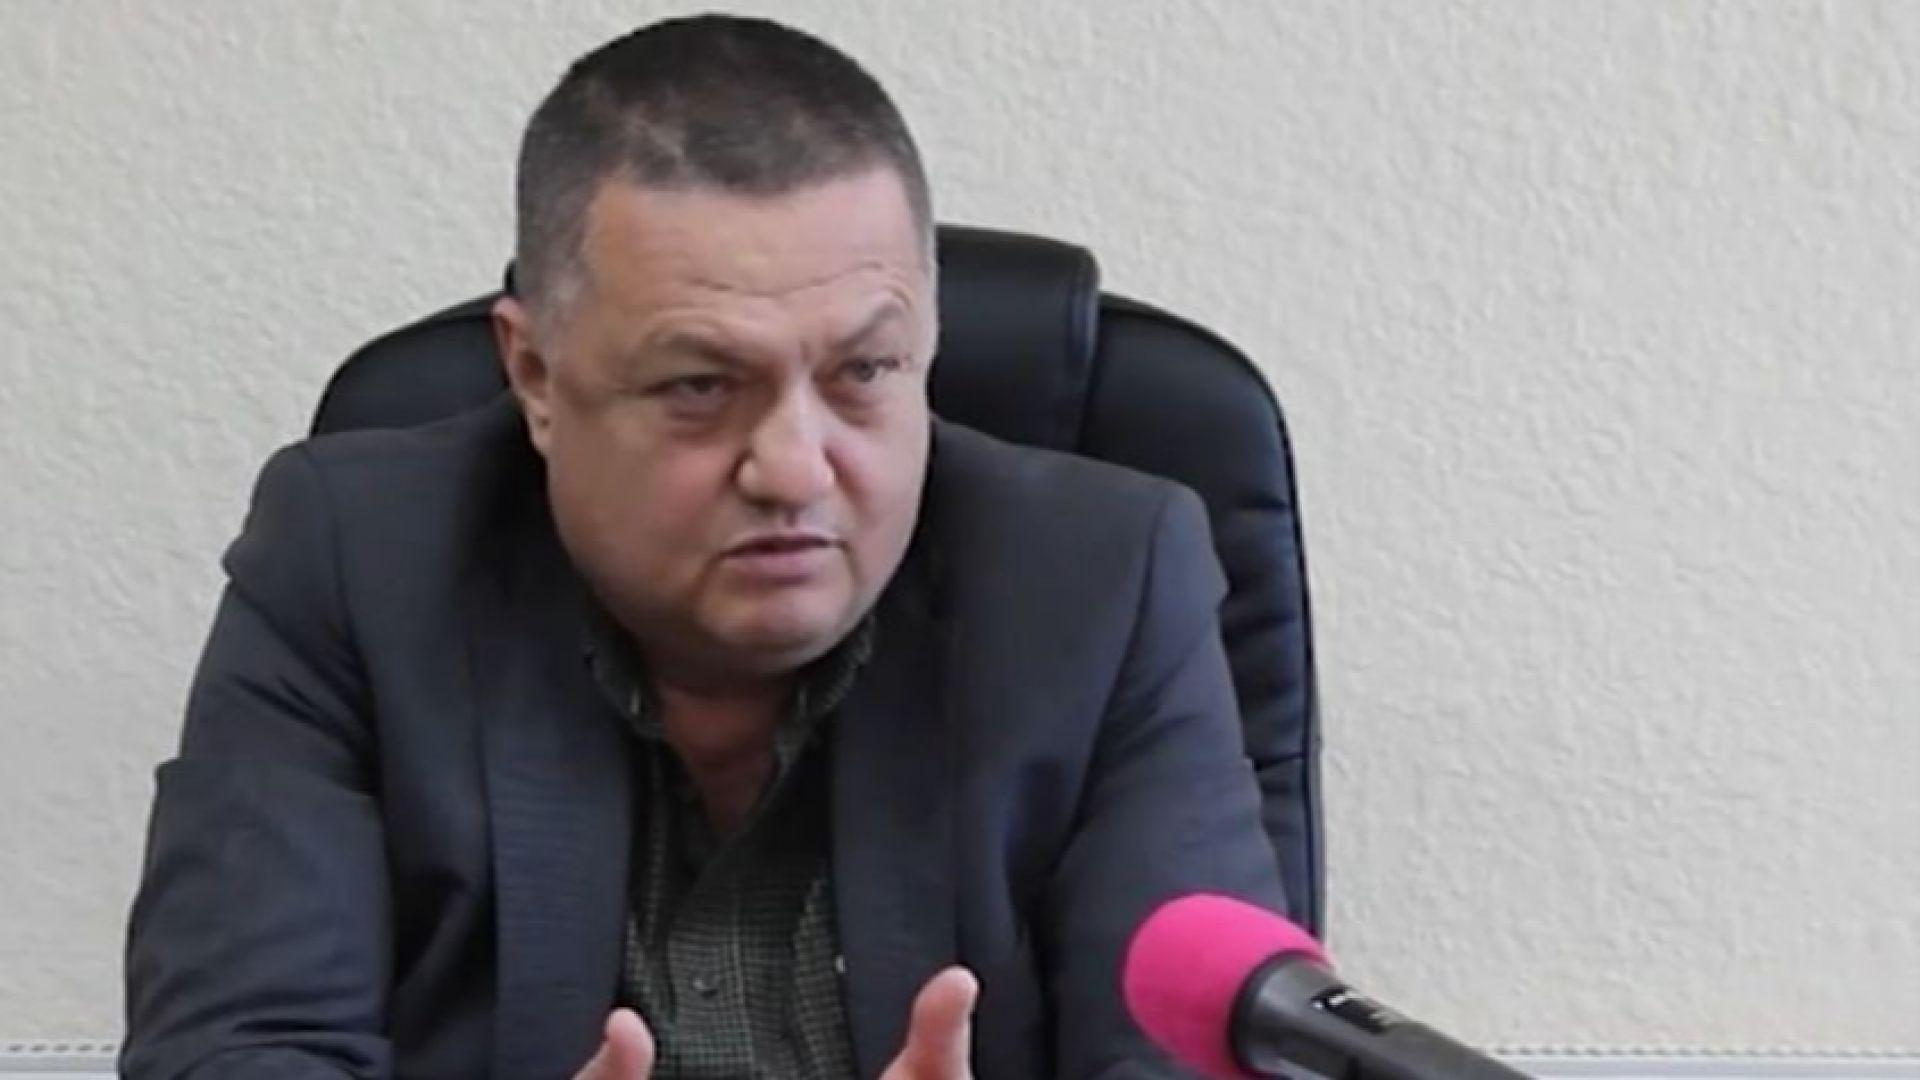 3720 лв. заплата за кмета на една от най-бедните общини у нас